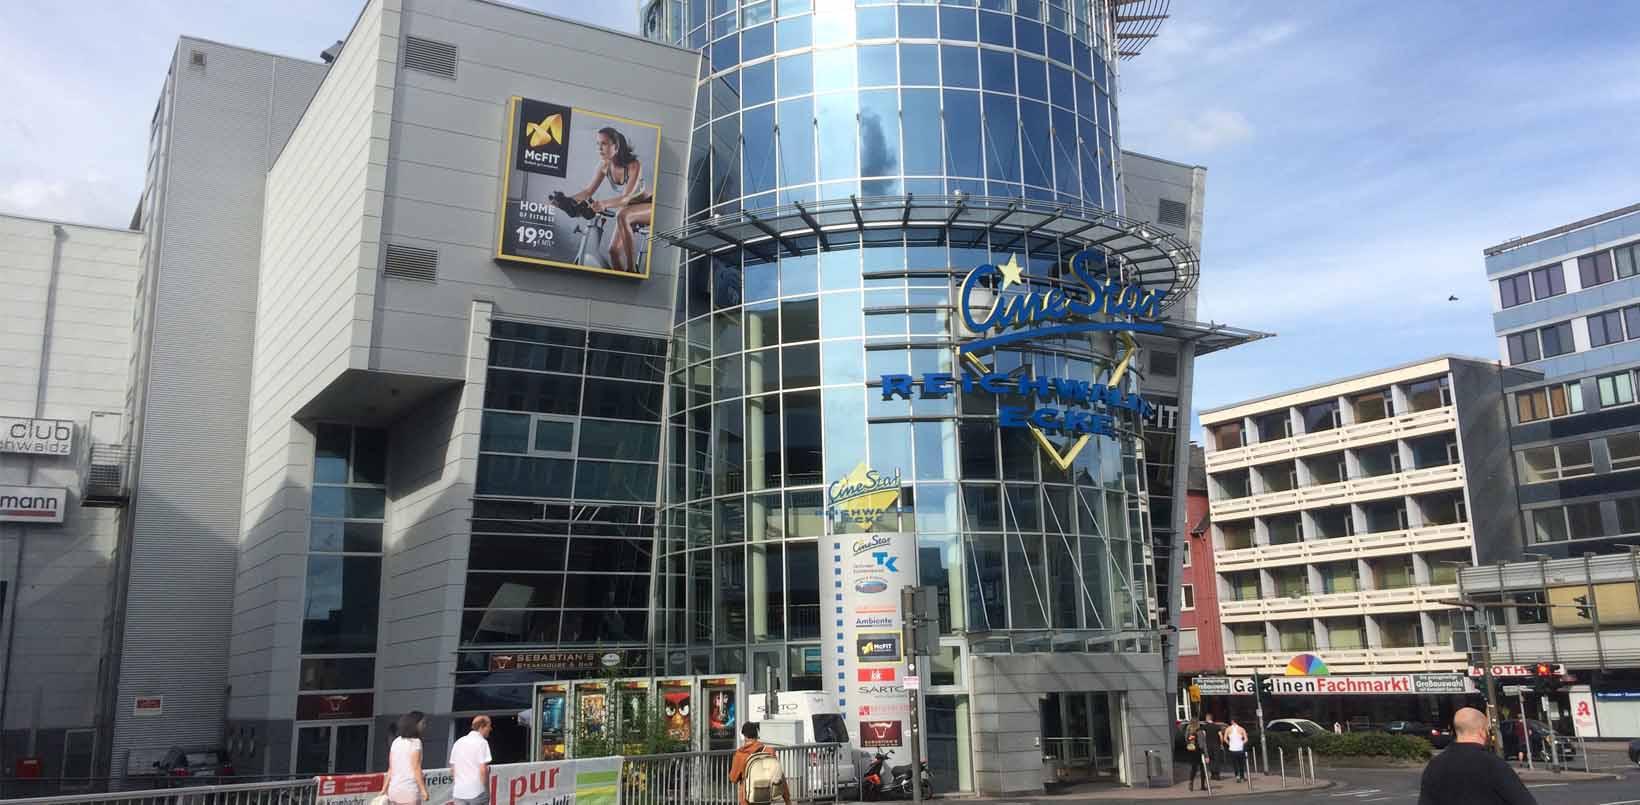 Cinestar Siegen